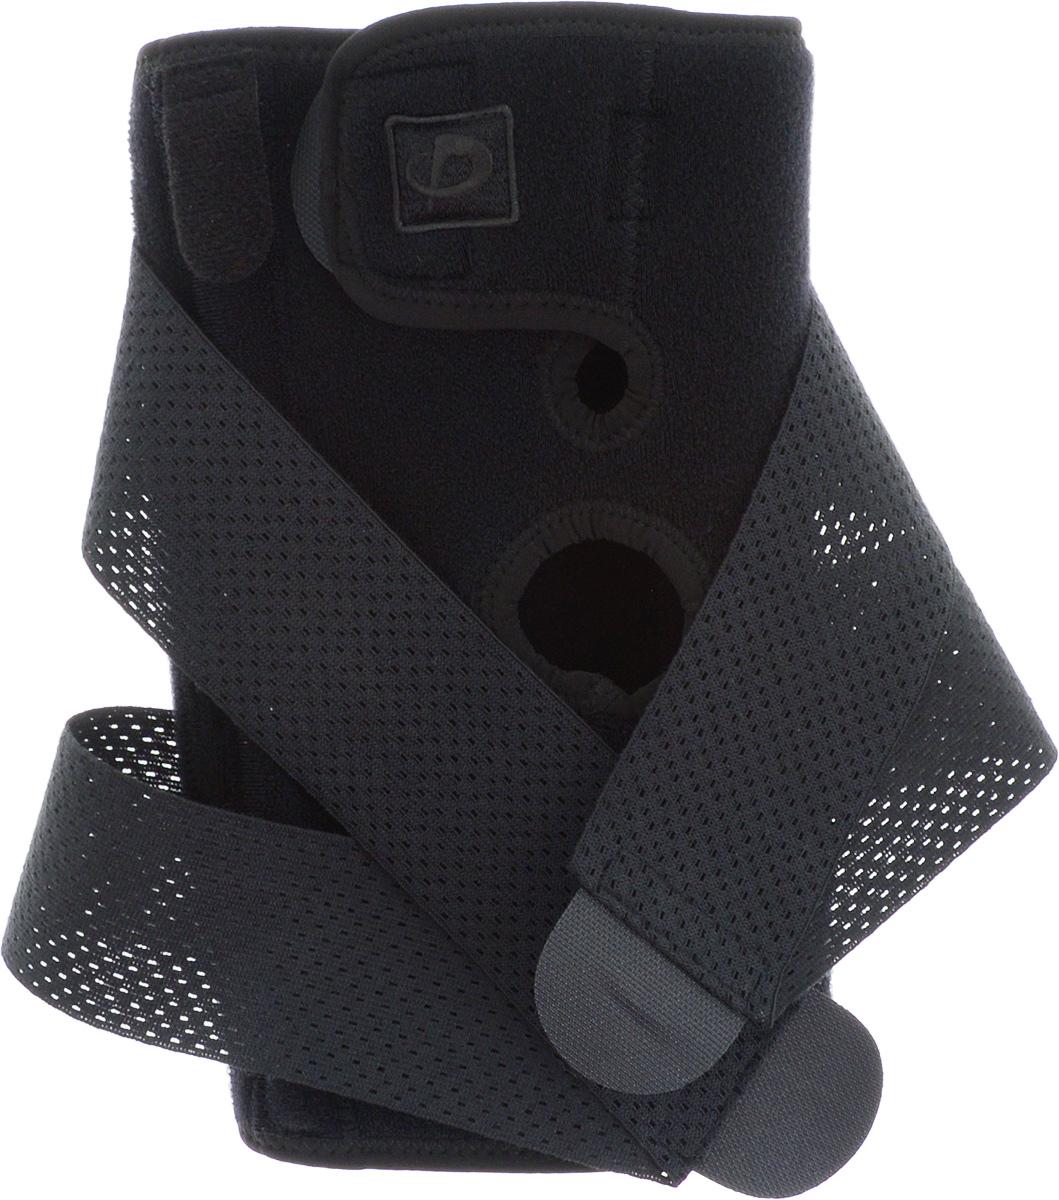 Суппорт колена Phiten Hard Type. Размер L (48-54 см)AP164005Суппорт колена Phiten Hard Type обеспечивает мягкую фиксацию сустава, активное воздействие на проприоцепторы, снятие суставного, связочного и мышечного напряжения, облегчение болевых ощущений. Показания к применению: все виды воспаления коленного сустава, растяжение мышц и связок коленного сустава, бурситы, хронические дегенеративные заболевания суставов, артроз коленного сустава, артрит и остеоартрит, пателлофеморальный болевой синдром. Жесткая, но регулируемая благодаря специальному ремню фиксация этого суппорта идеально подходит для ношения в течение всего дня или при восстановлении после травм коленного сустава, мышц и связок. Благодаря специальной пропитке акватитаном, пояс способствует скорейшему восстановлению после травмы. Материал: наружная часть: нейлон 93%, полиуретан 7%; внутренняя часть: нейлон 80%, полиуретан 20%; липучка: полиэстер 100%; акватитан, аквапалладий. Обхват колена: 48-54 см.